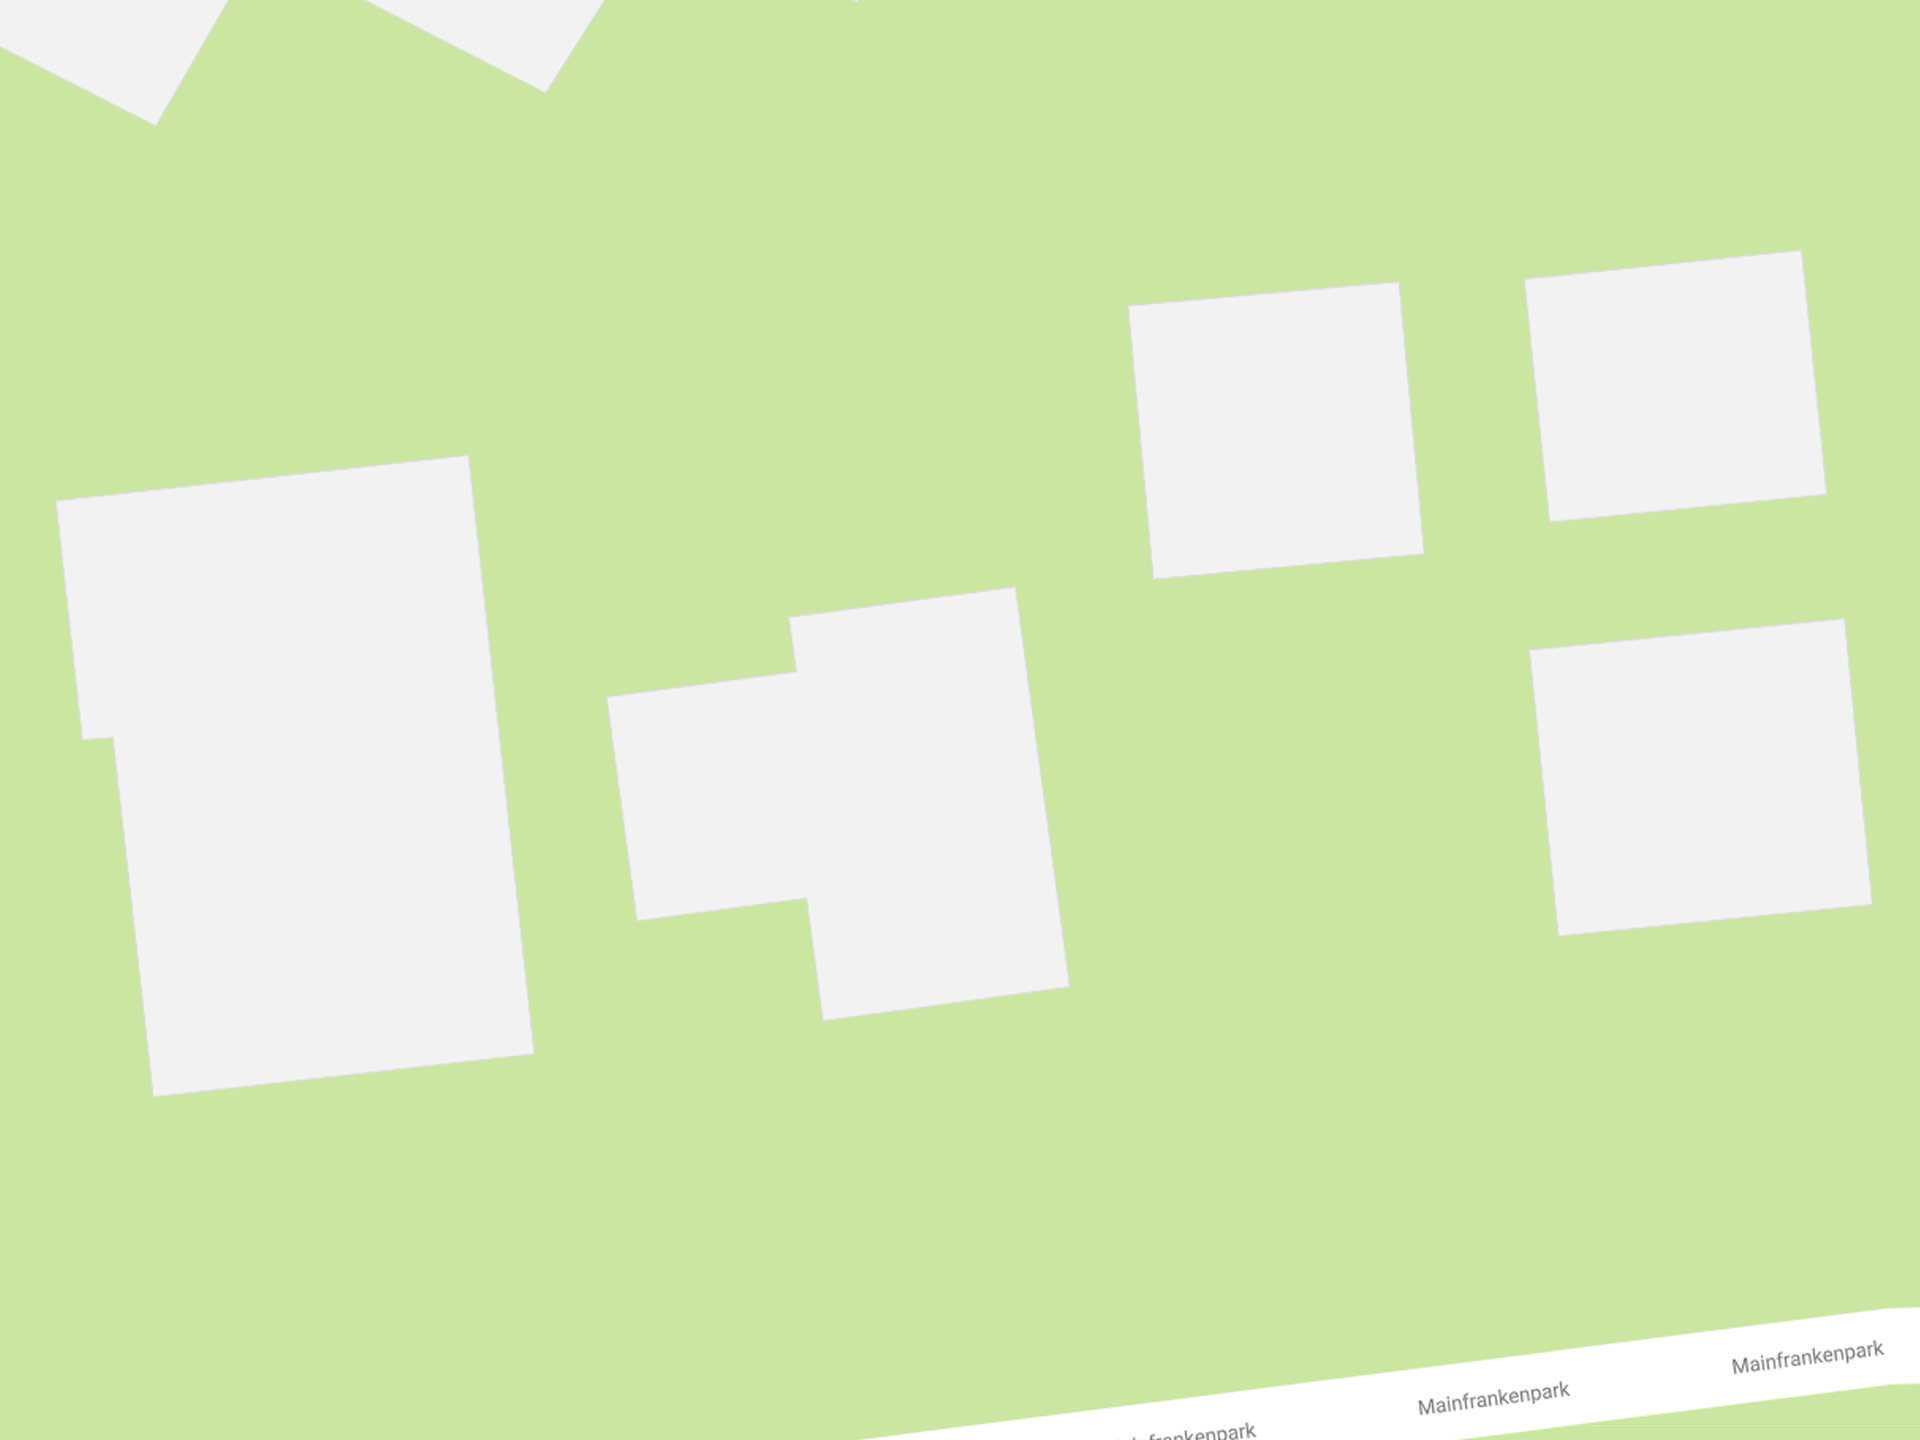 Lageplan von Musterhauspark Massive Wohnbau